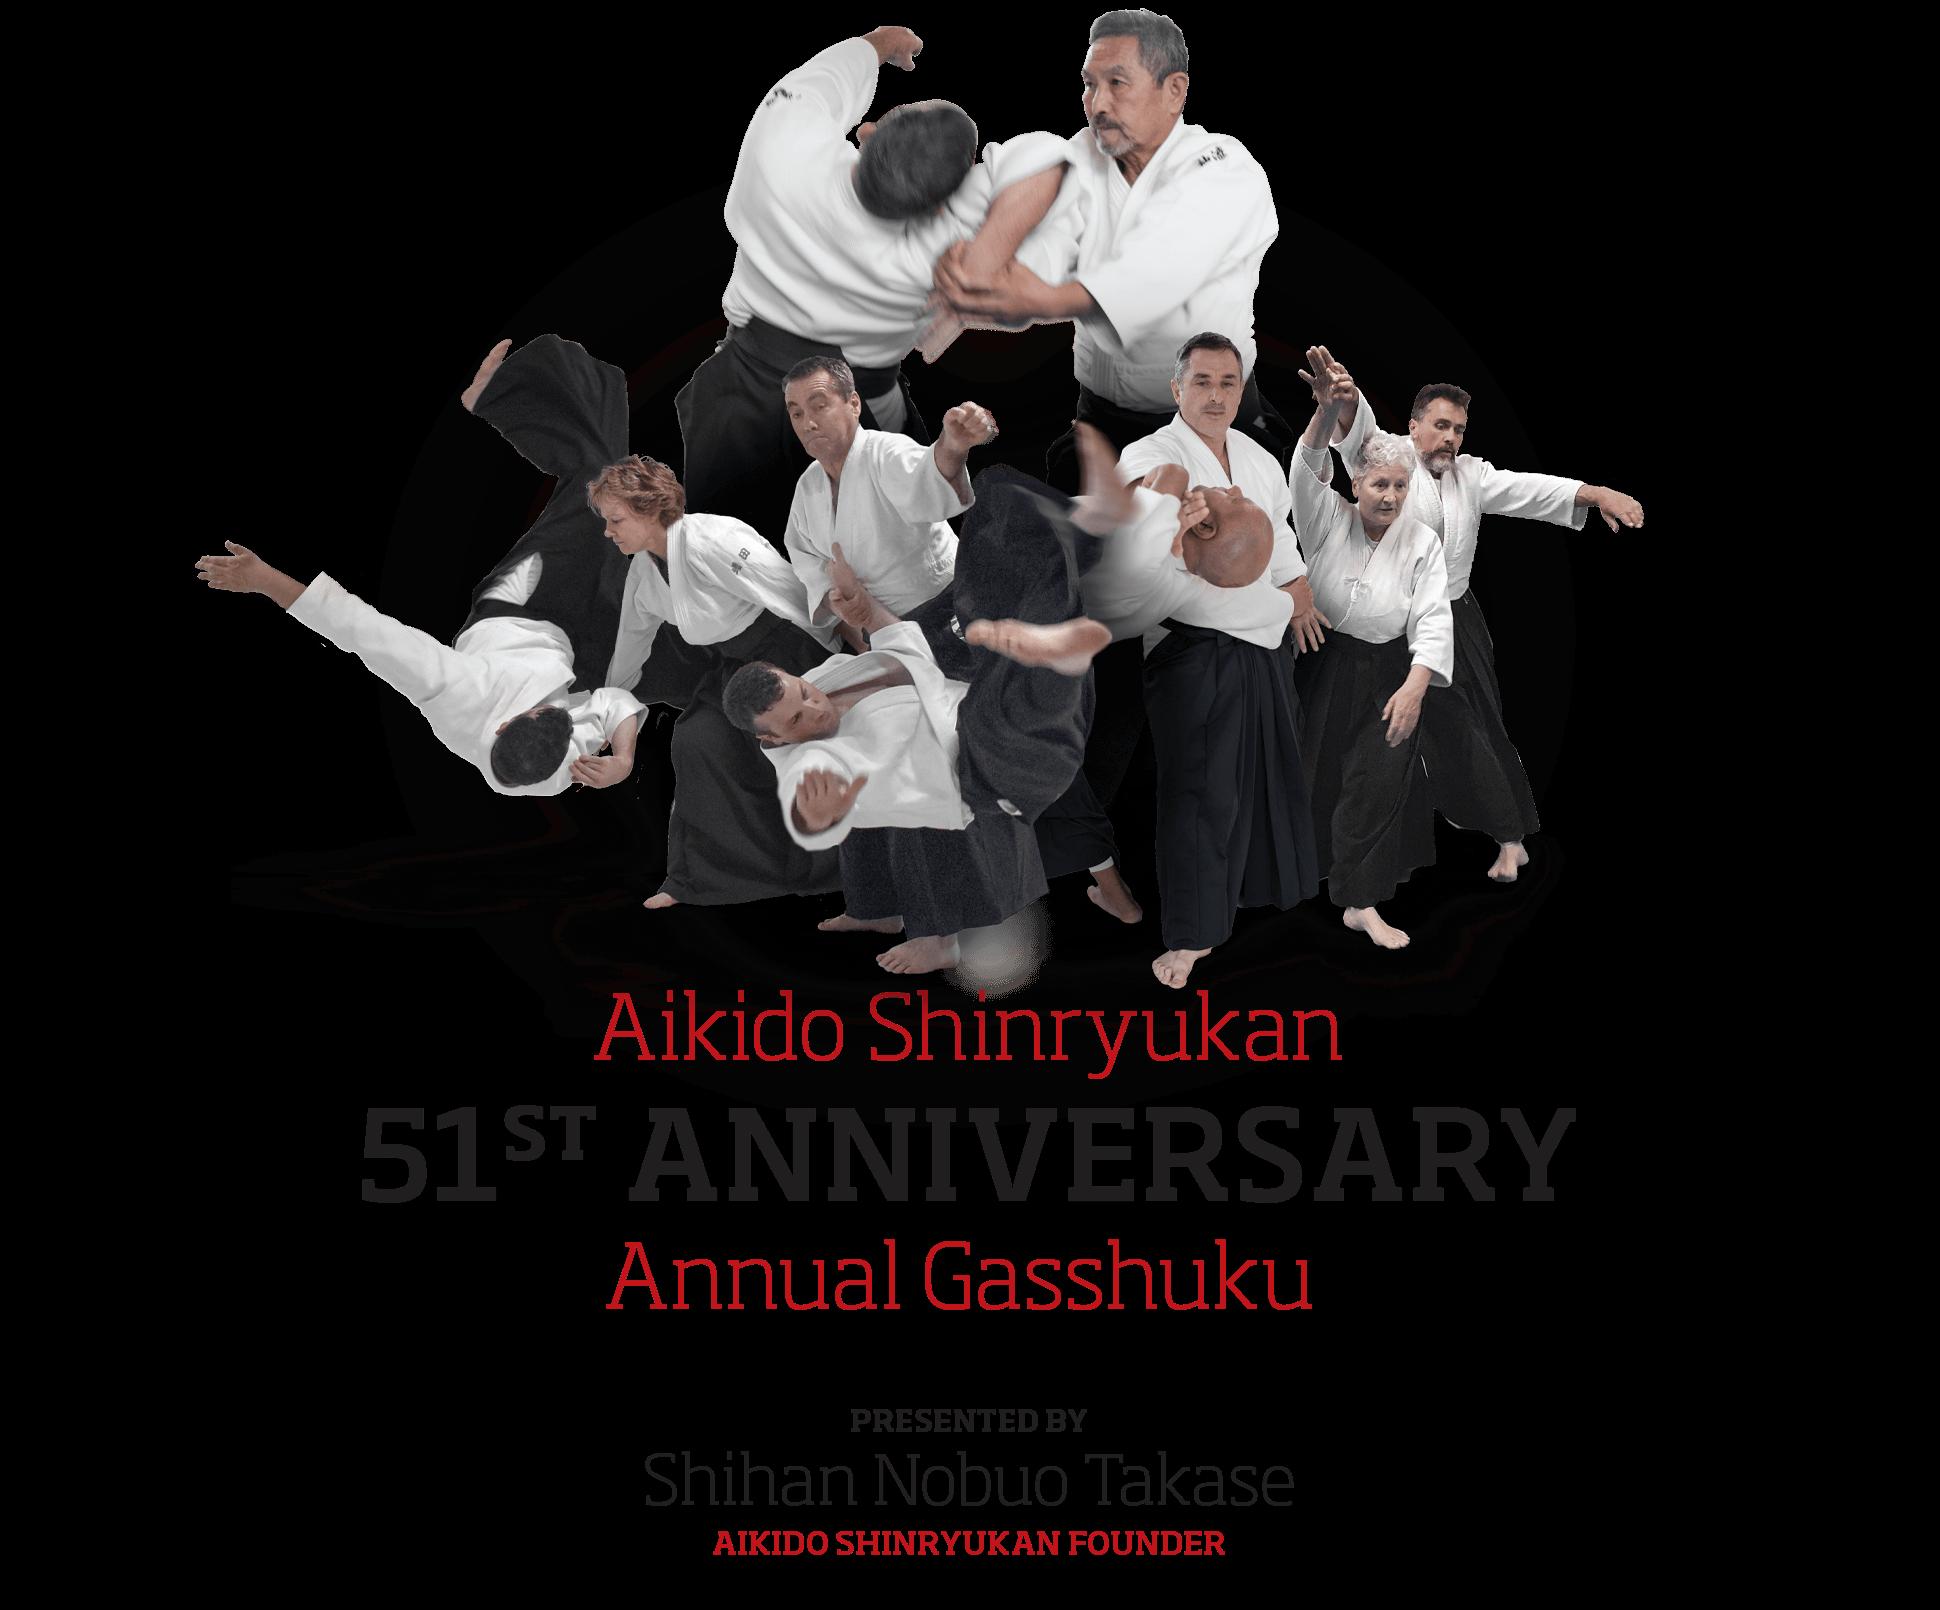 51st Anniversary Annual Gasshuku